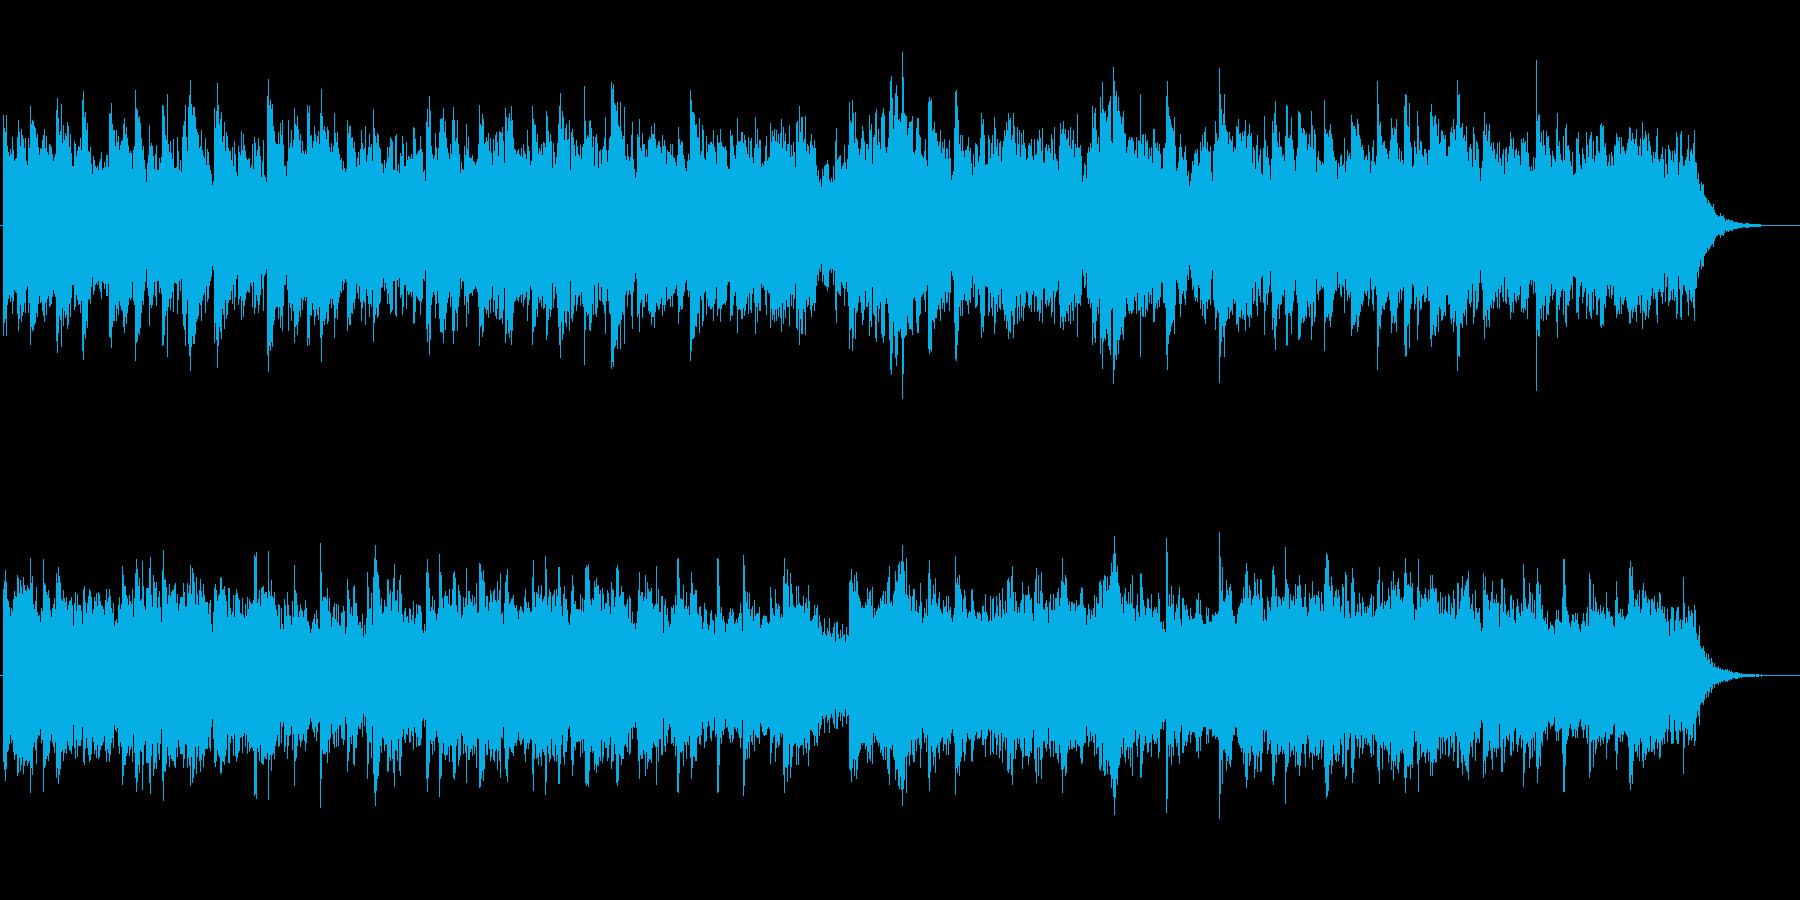 クワイアと古楽器のファンタジックな曲の再生済みの波形